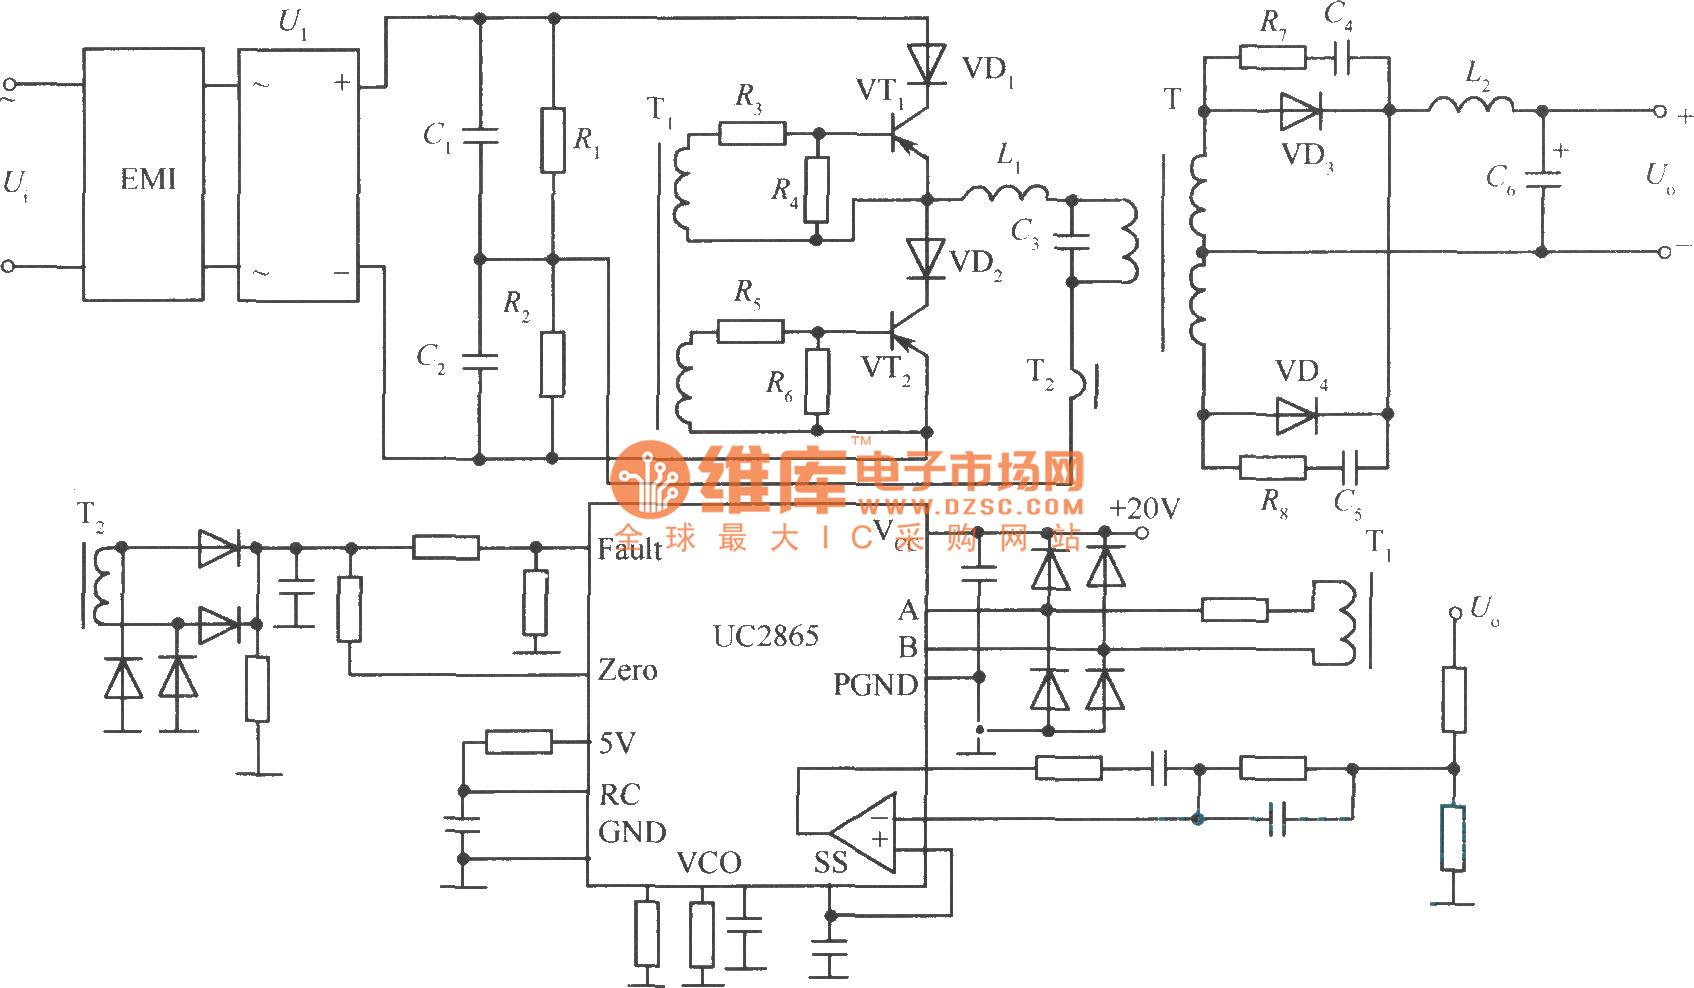 相关元件PDF下载: UC2865 如图是一个零电流转换软开关稳压电源的实用电路:输入单相交流;输出直流;主开关管采用MOSFET;功率变换电路采用半桥电路;集成控制芯片用UC2865;功率变换方式采用零电流变换电路。